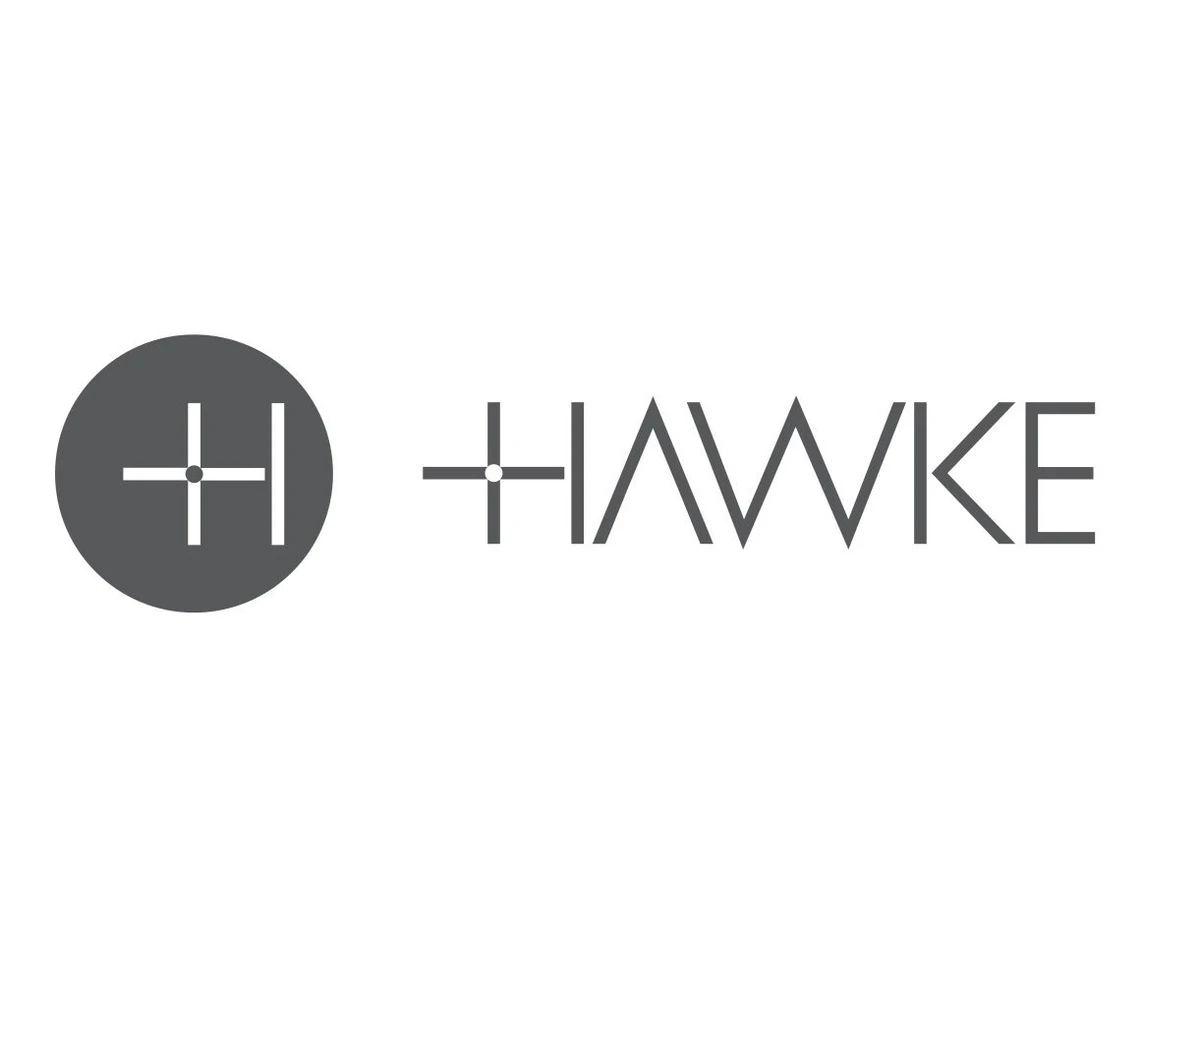 Hawke-logo-lg-sq